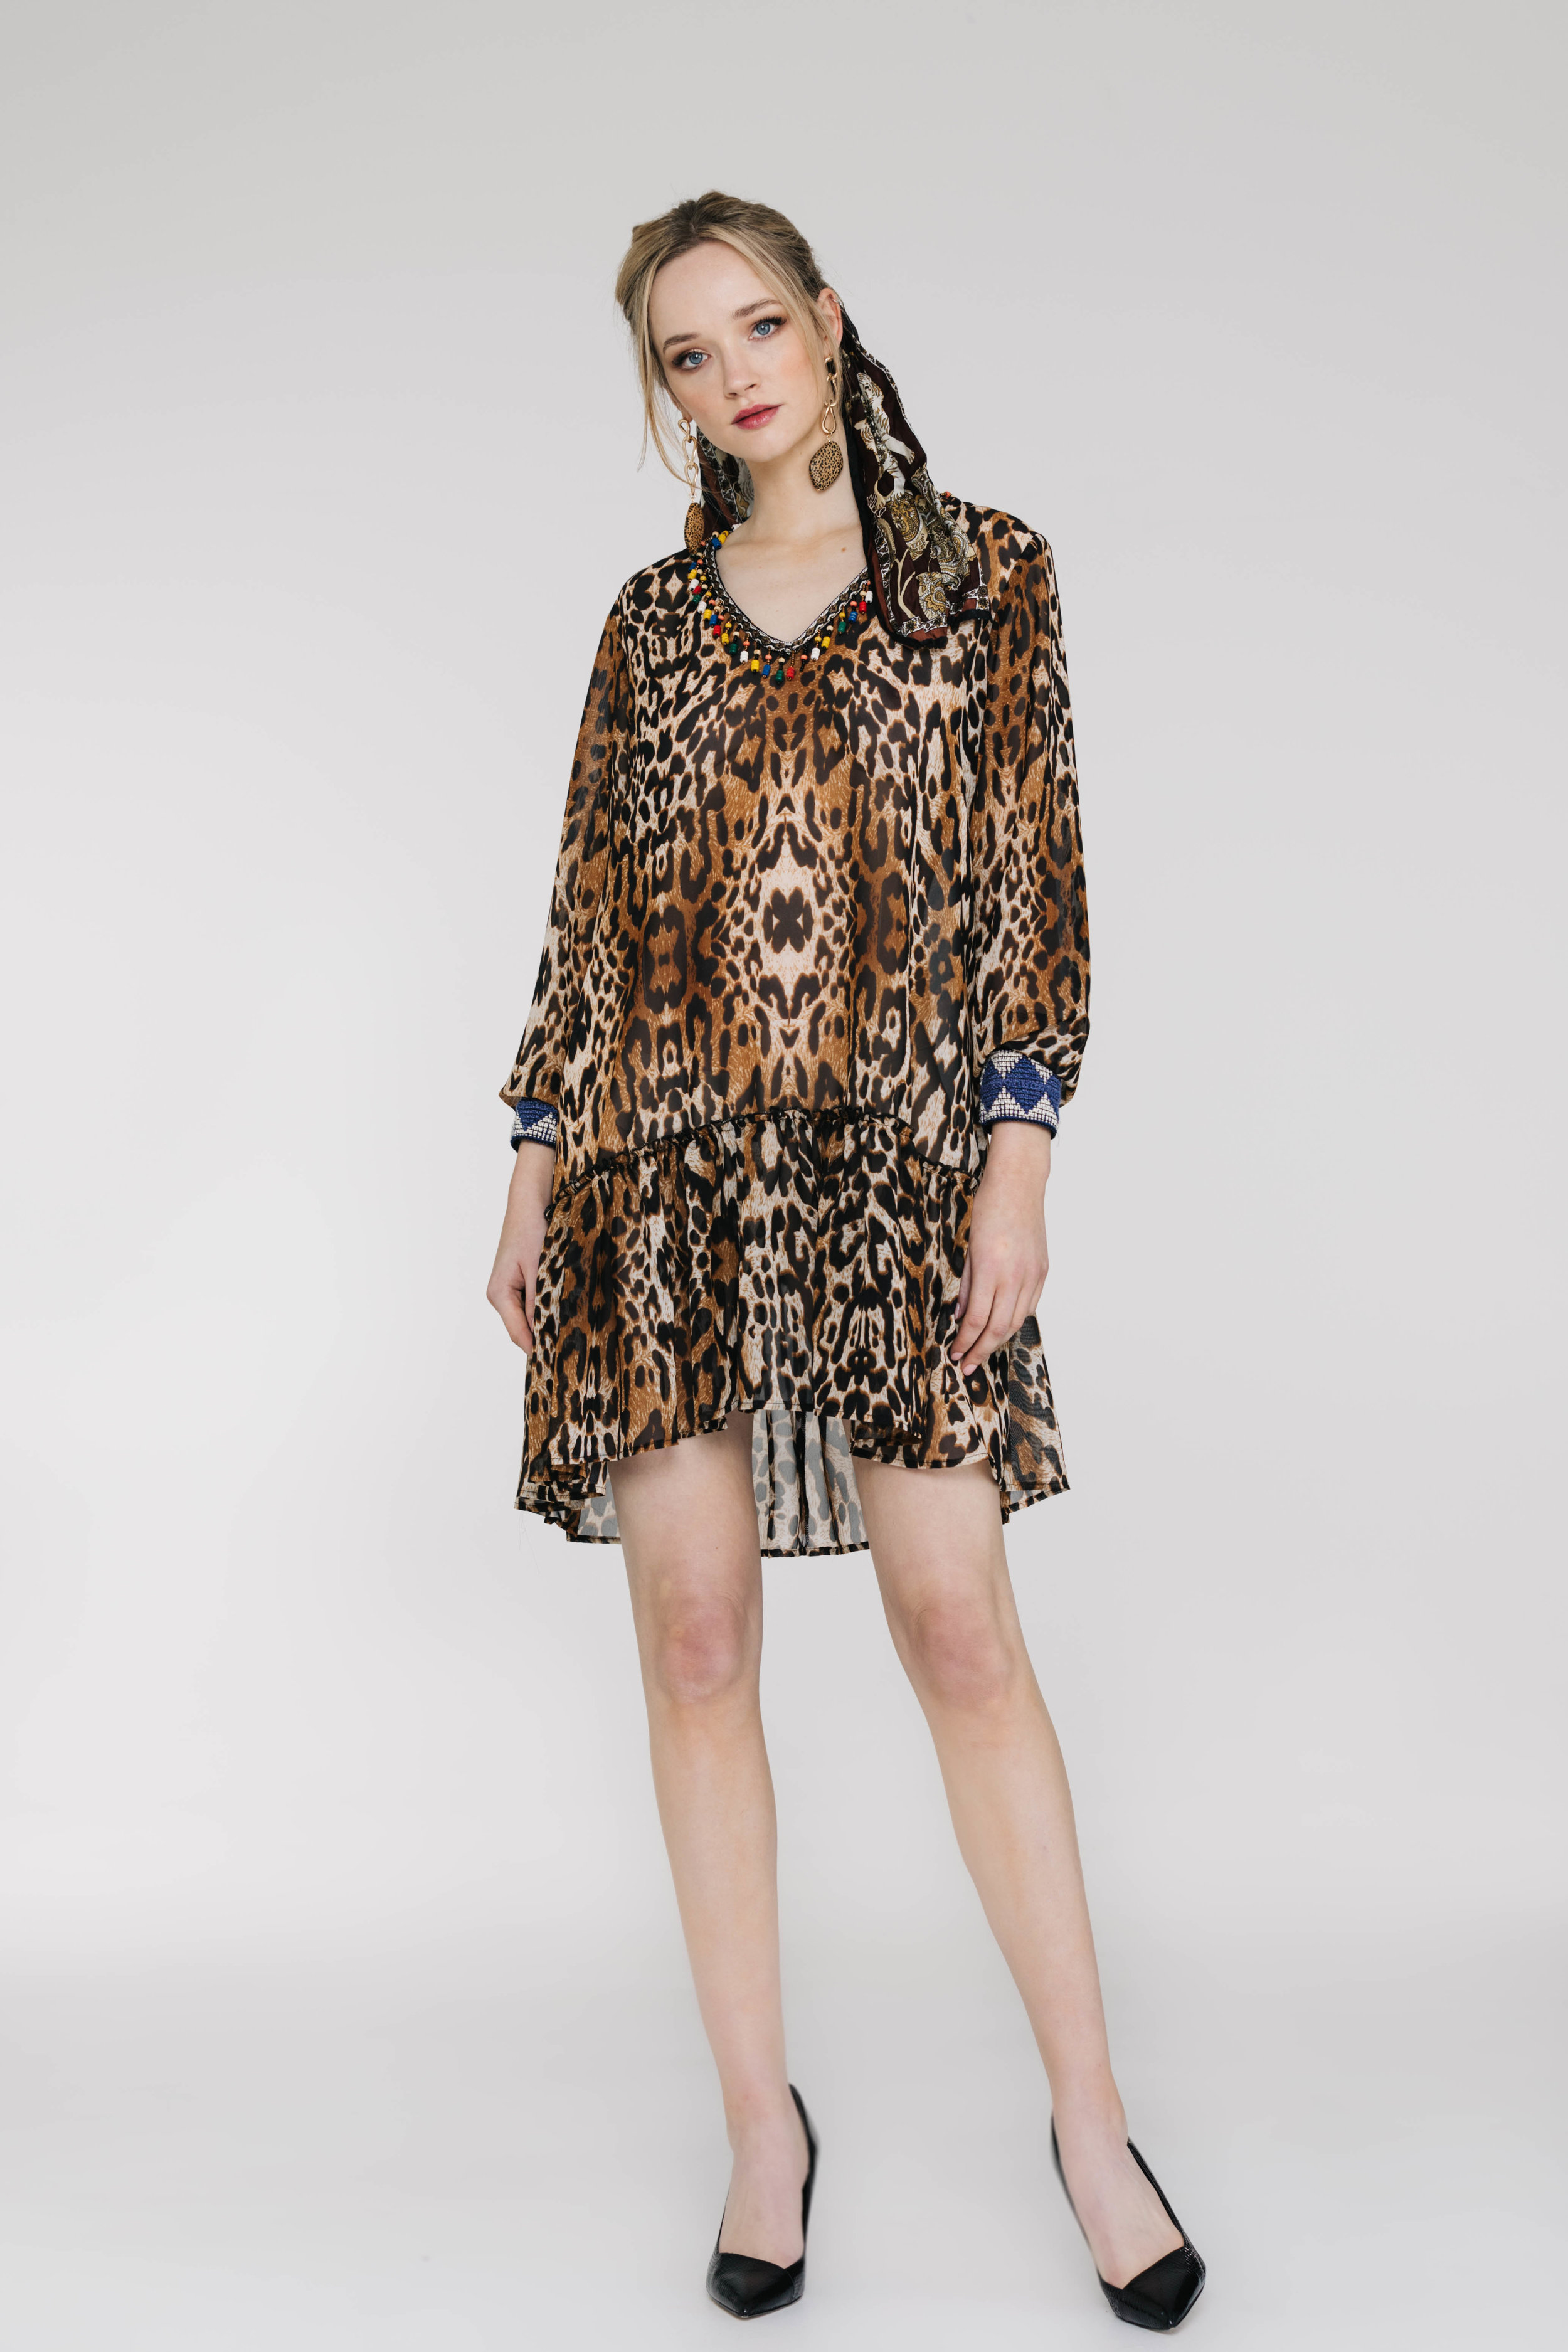 Ruff All Dress 6143N Brown Skin